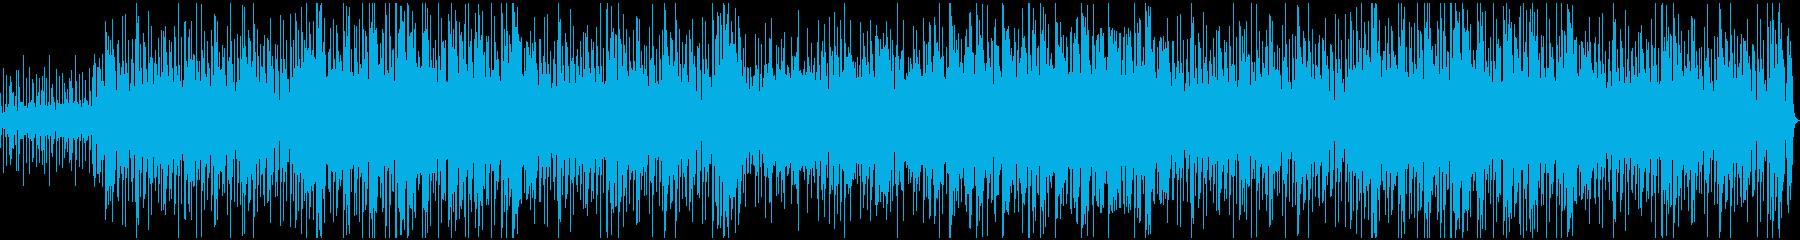 パシフィックカリプソスカスタイルで...の再生済みの波形